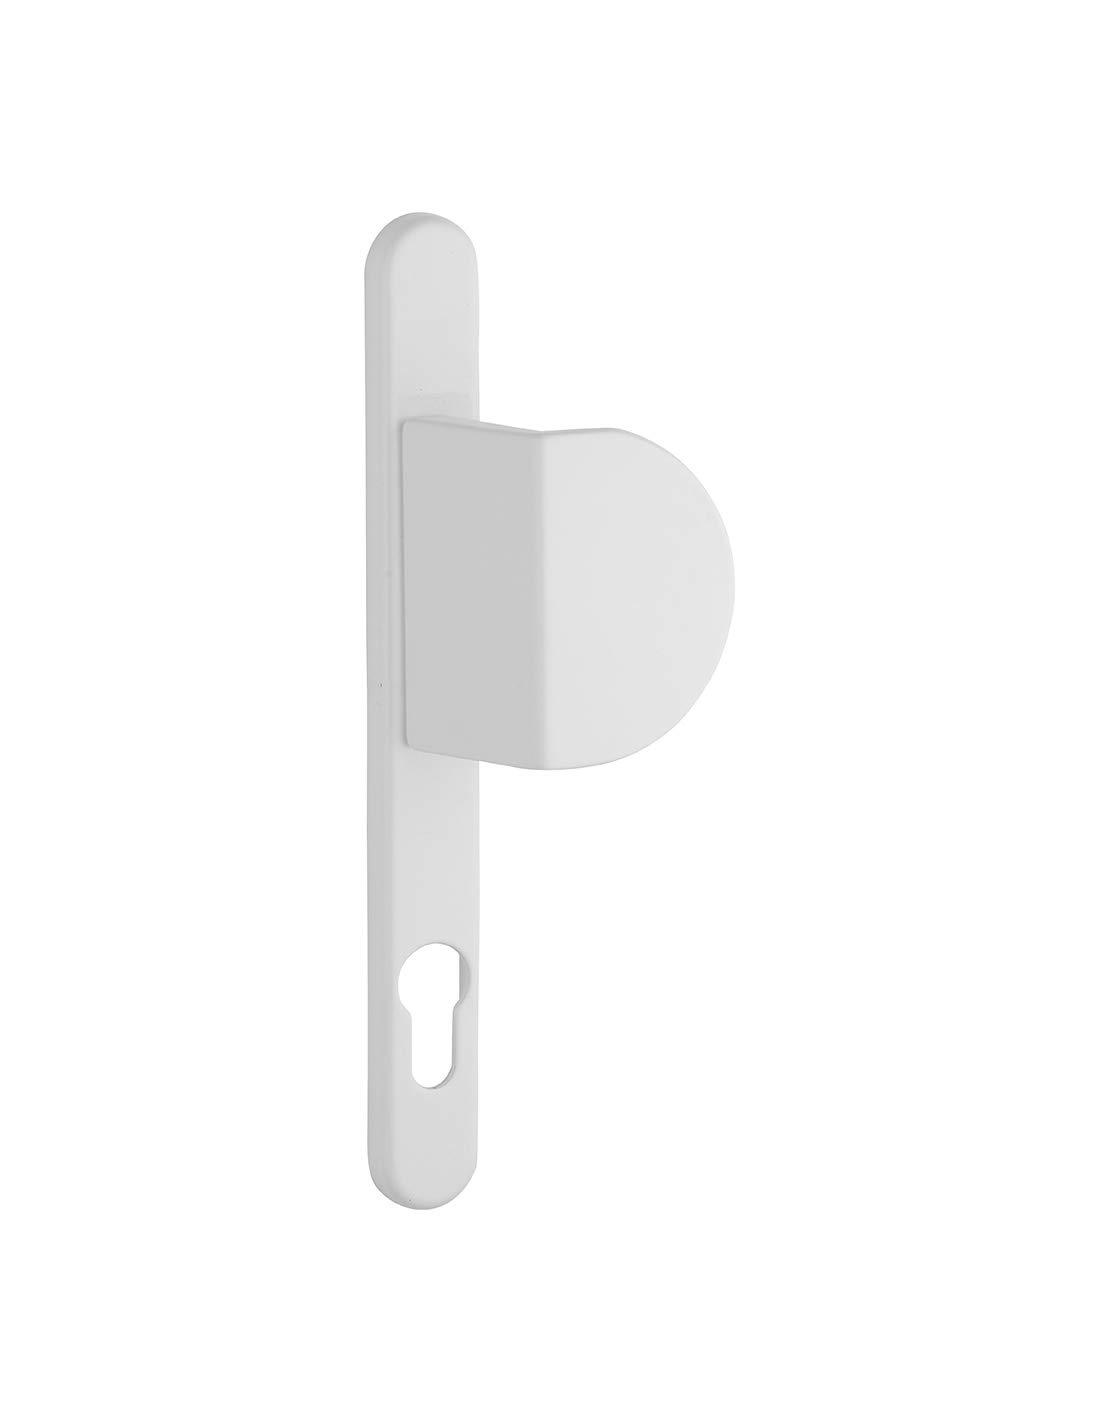 SULTANE 235x25 C8x92 trou de cylindre pali/ère blanc